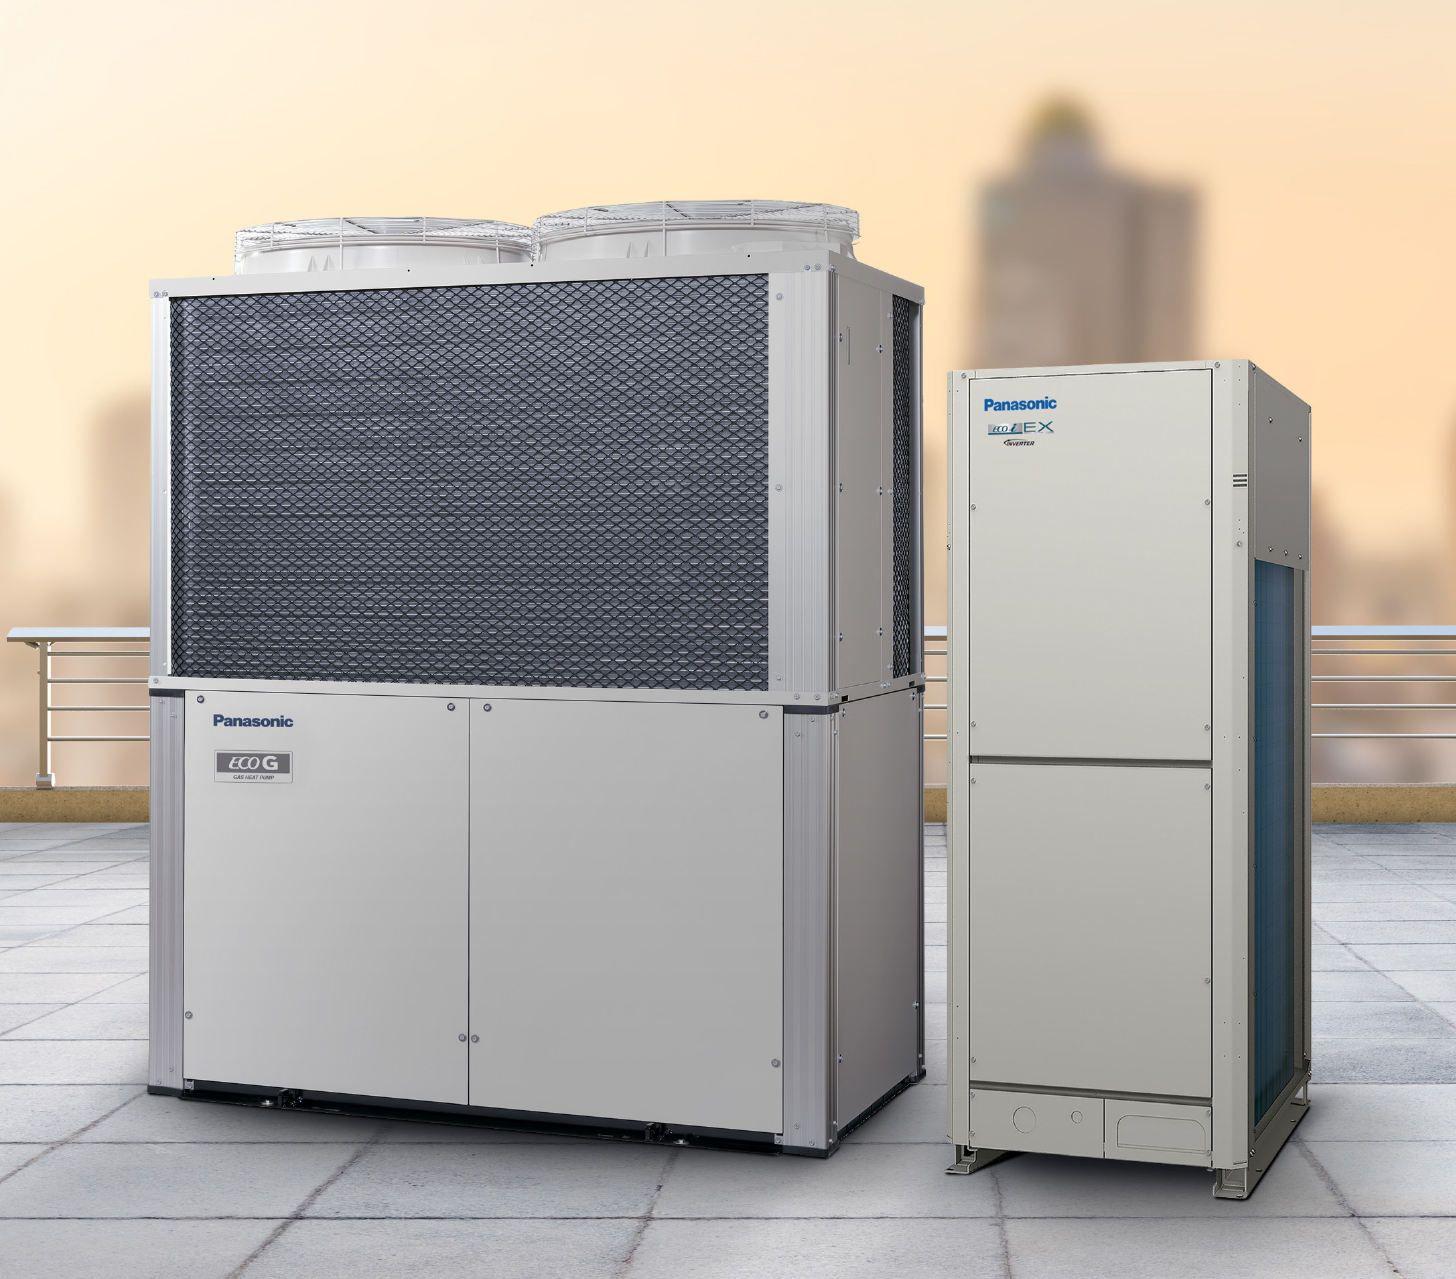 Das Panasonic Vrf Hybrid System Luftung Elektrisch Und Technik